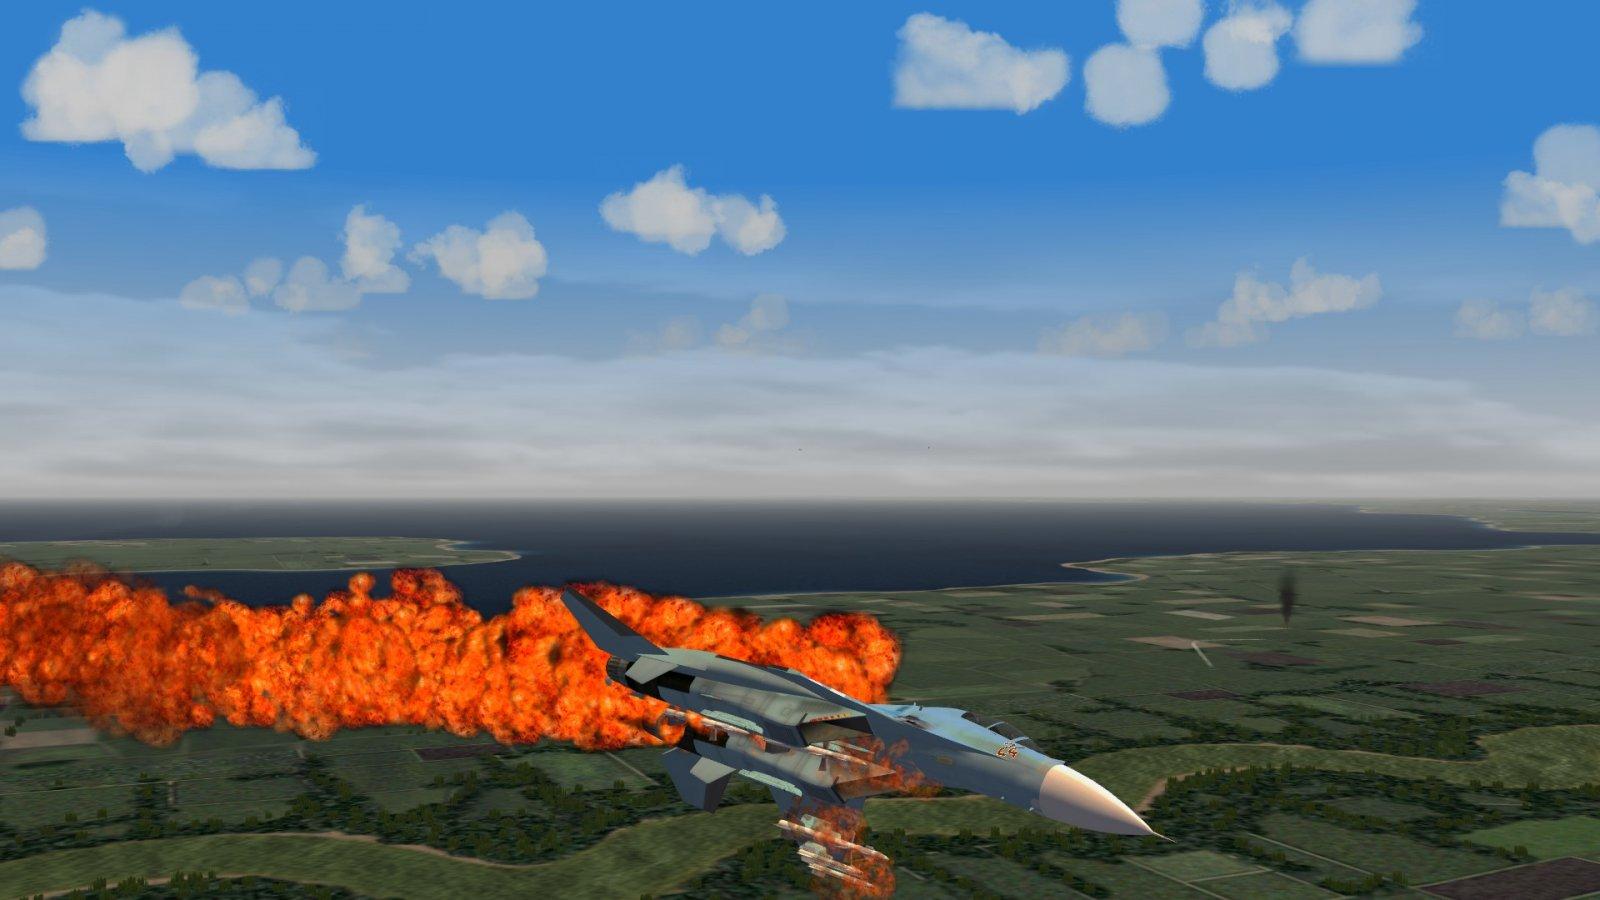 Tumbling Burning Flanker 2